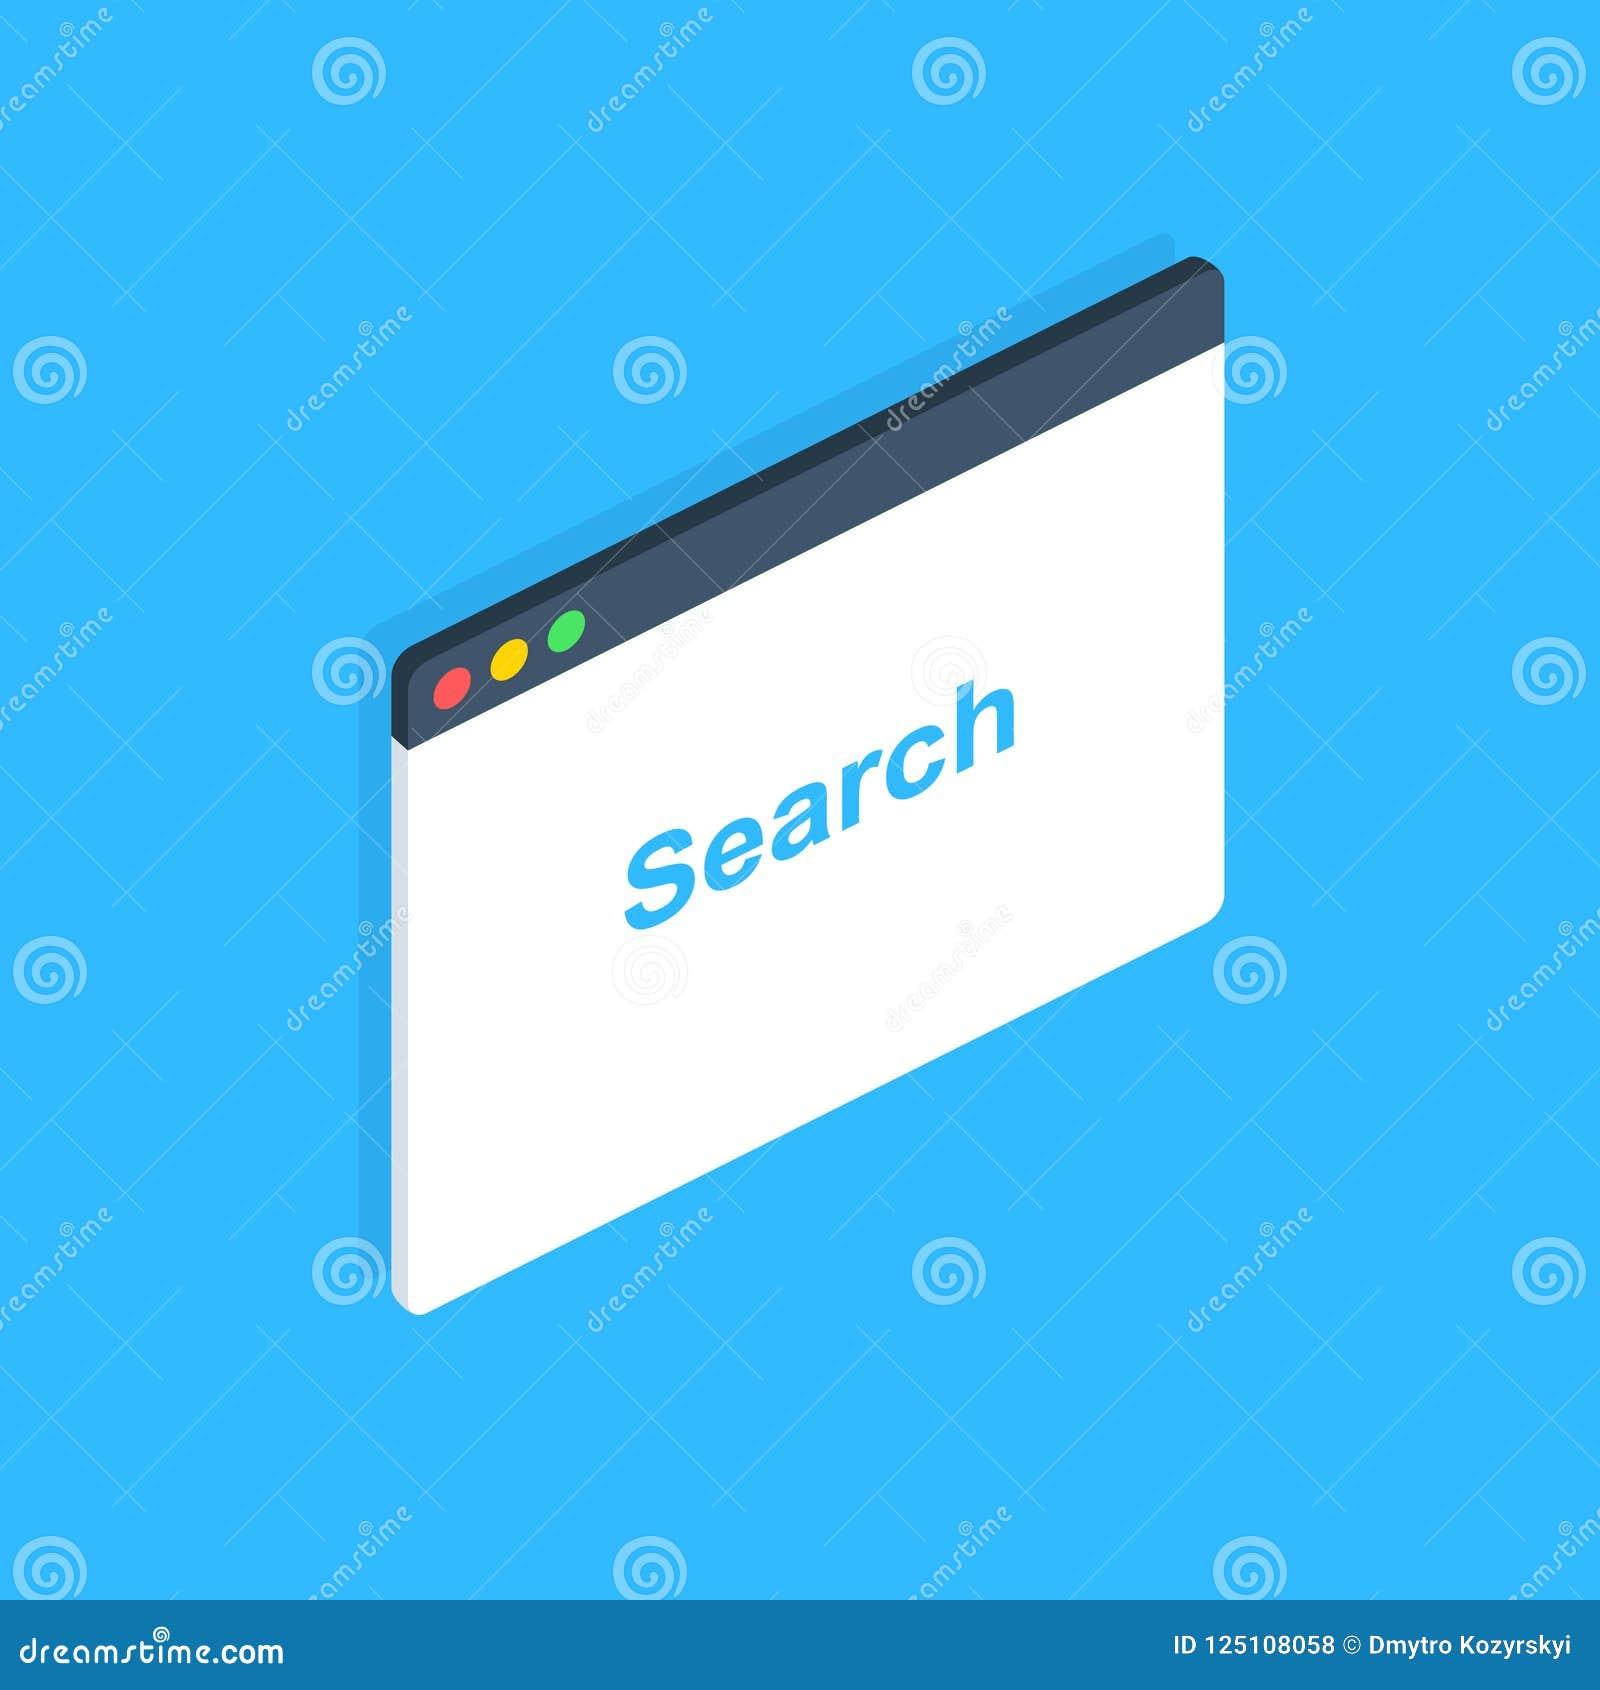 Равновеликое окно браузера Браузер в плоском стиле Интернет-браузер концепции окна Дизайн экрана модель-макета вектор